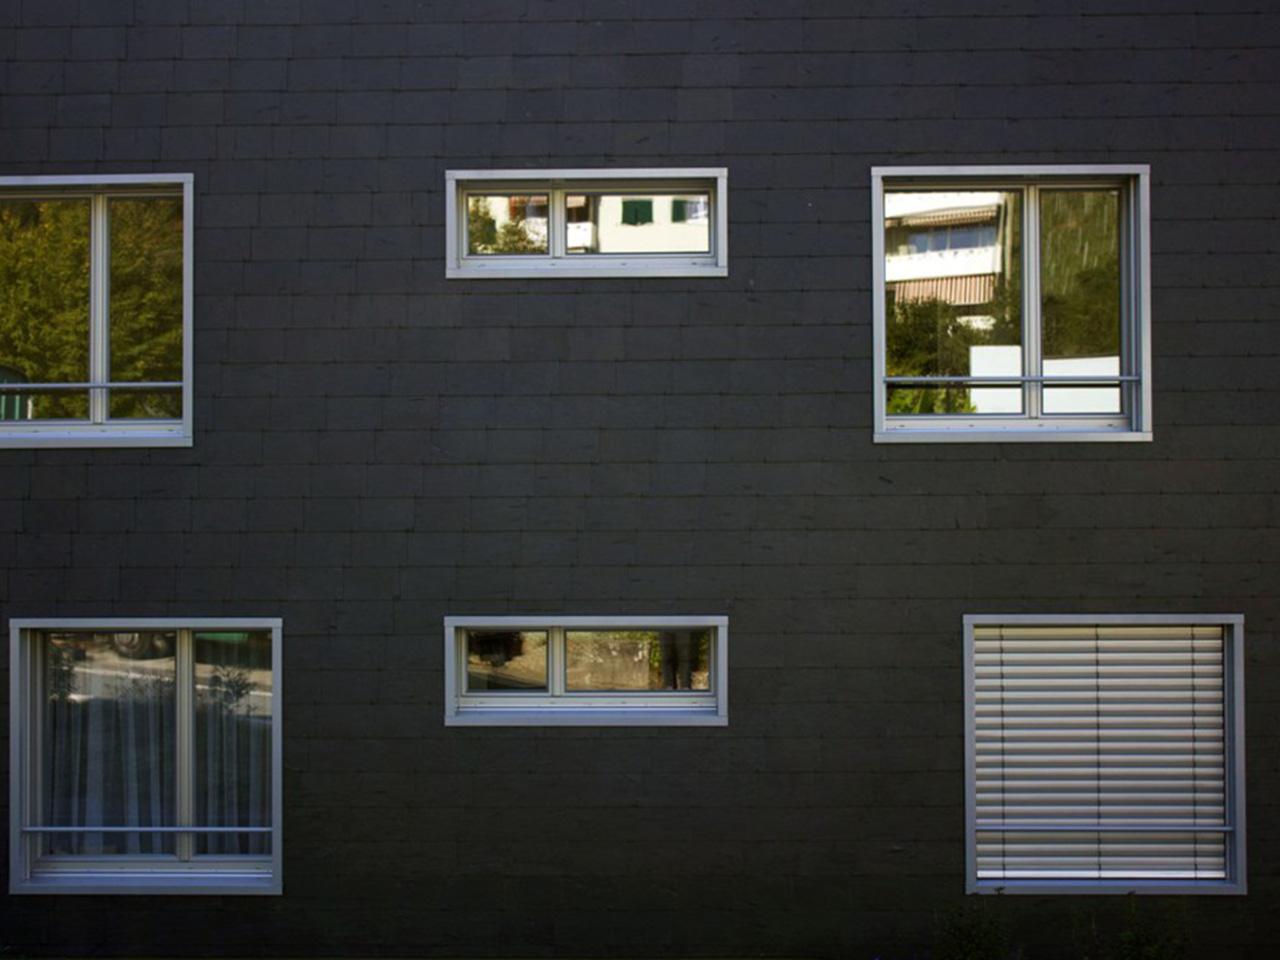 laubhus-architektur-mehrfamilienhaus-nussgrabe-doettingen